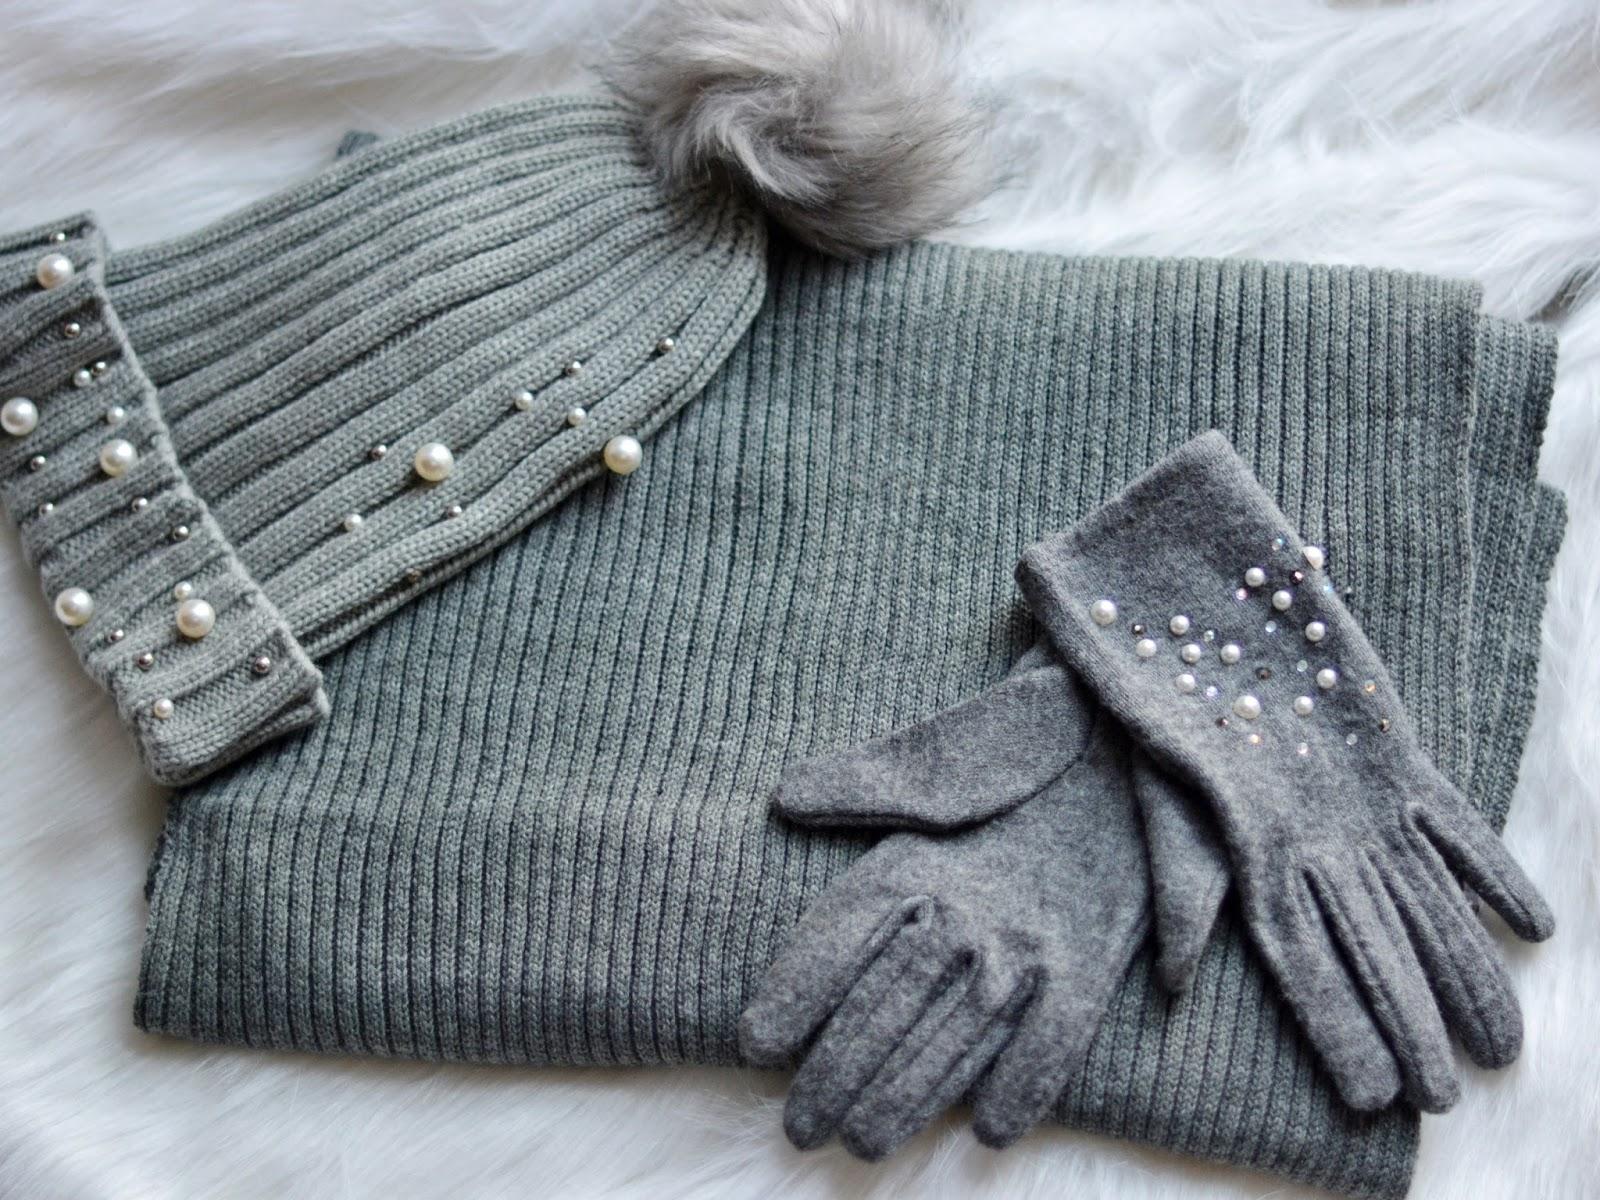 jak nosić ubrania z perełkami